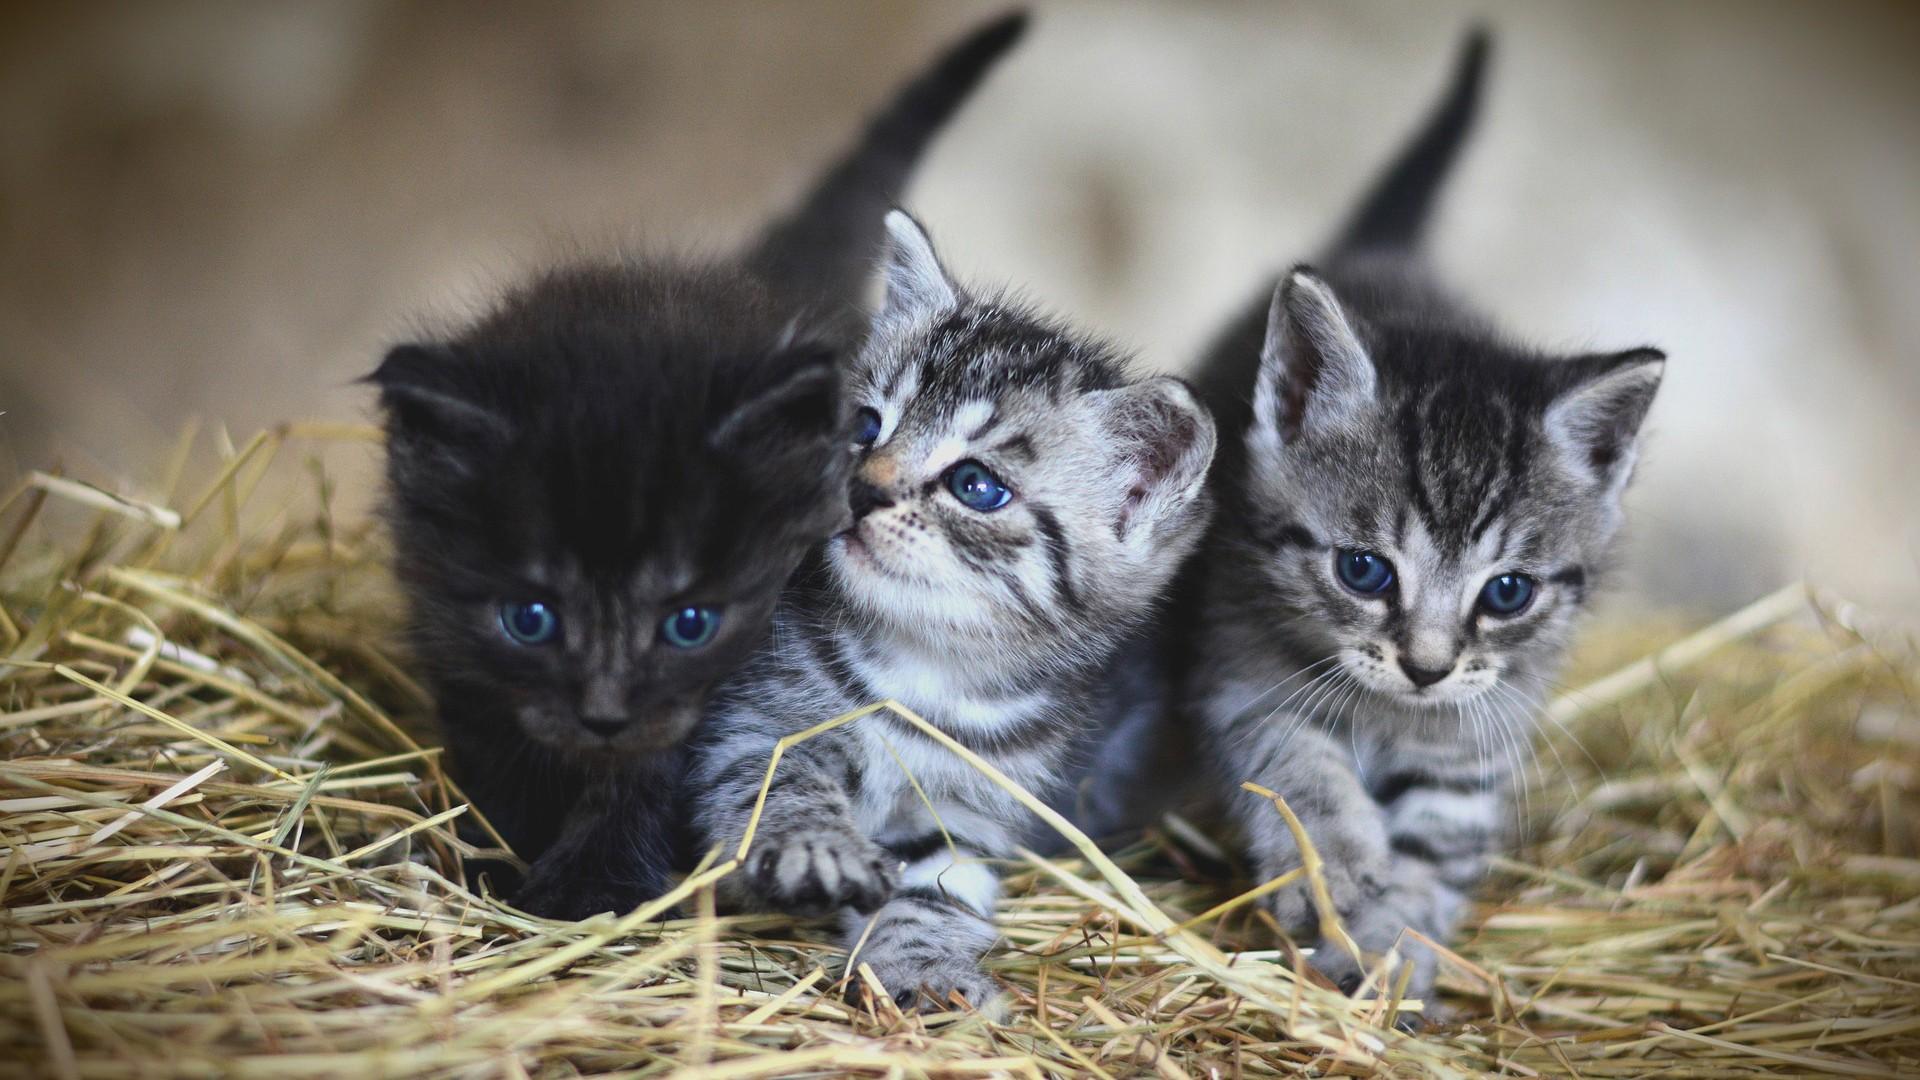 Koťata ve slámě